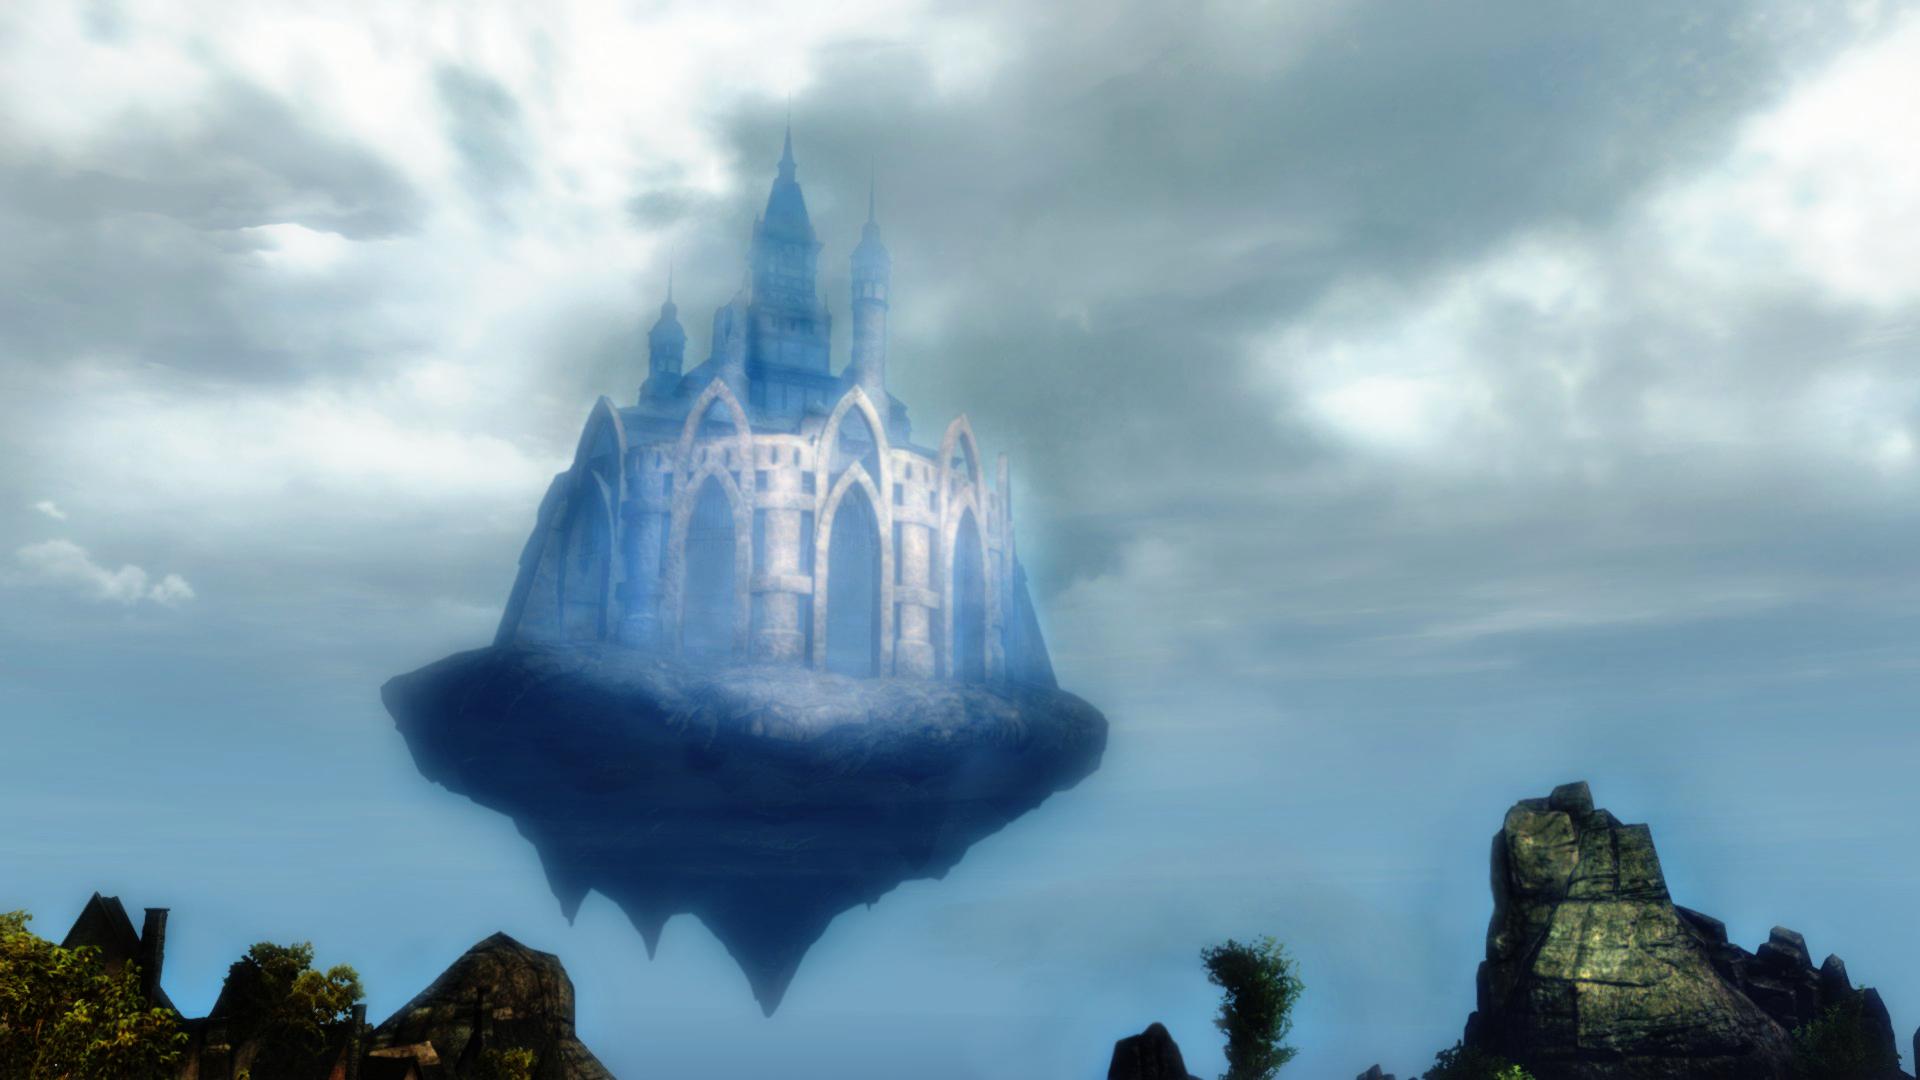 Guild Wars 2 - Castle in the Sky by HappyKnight